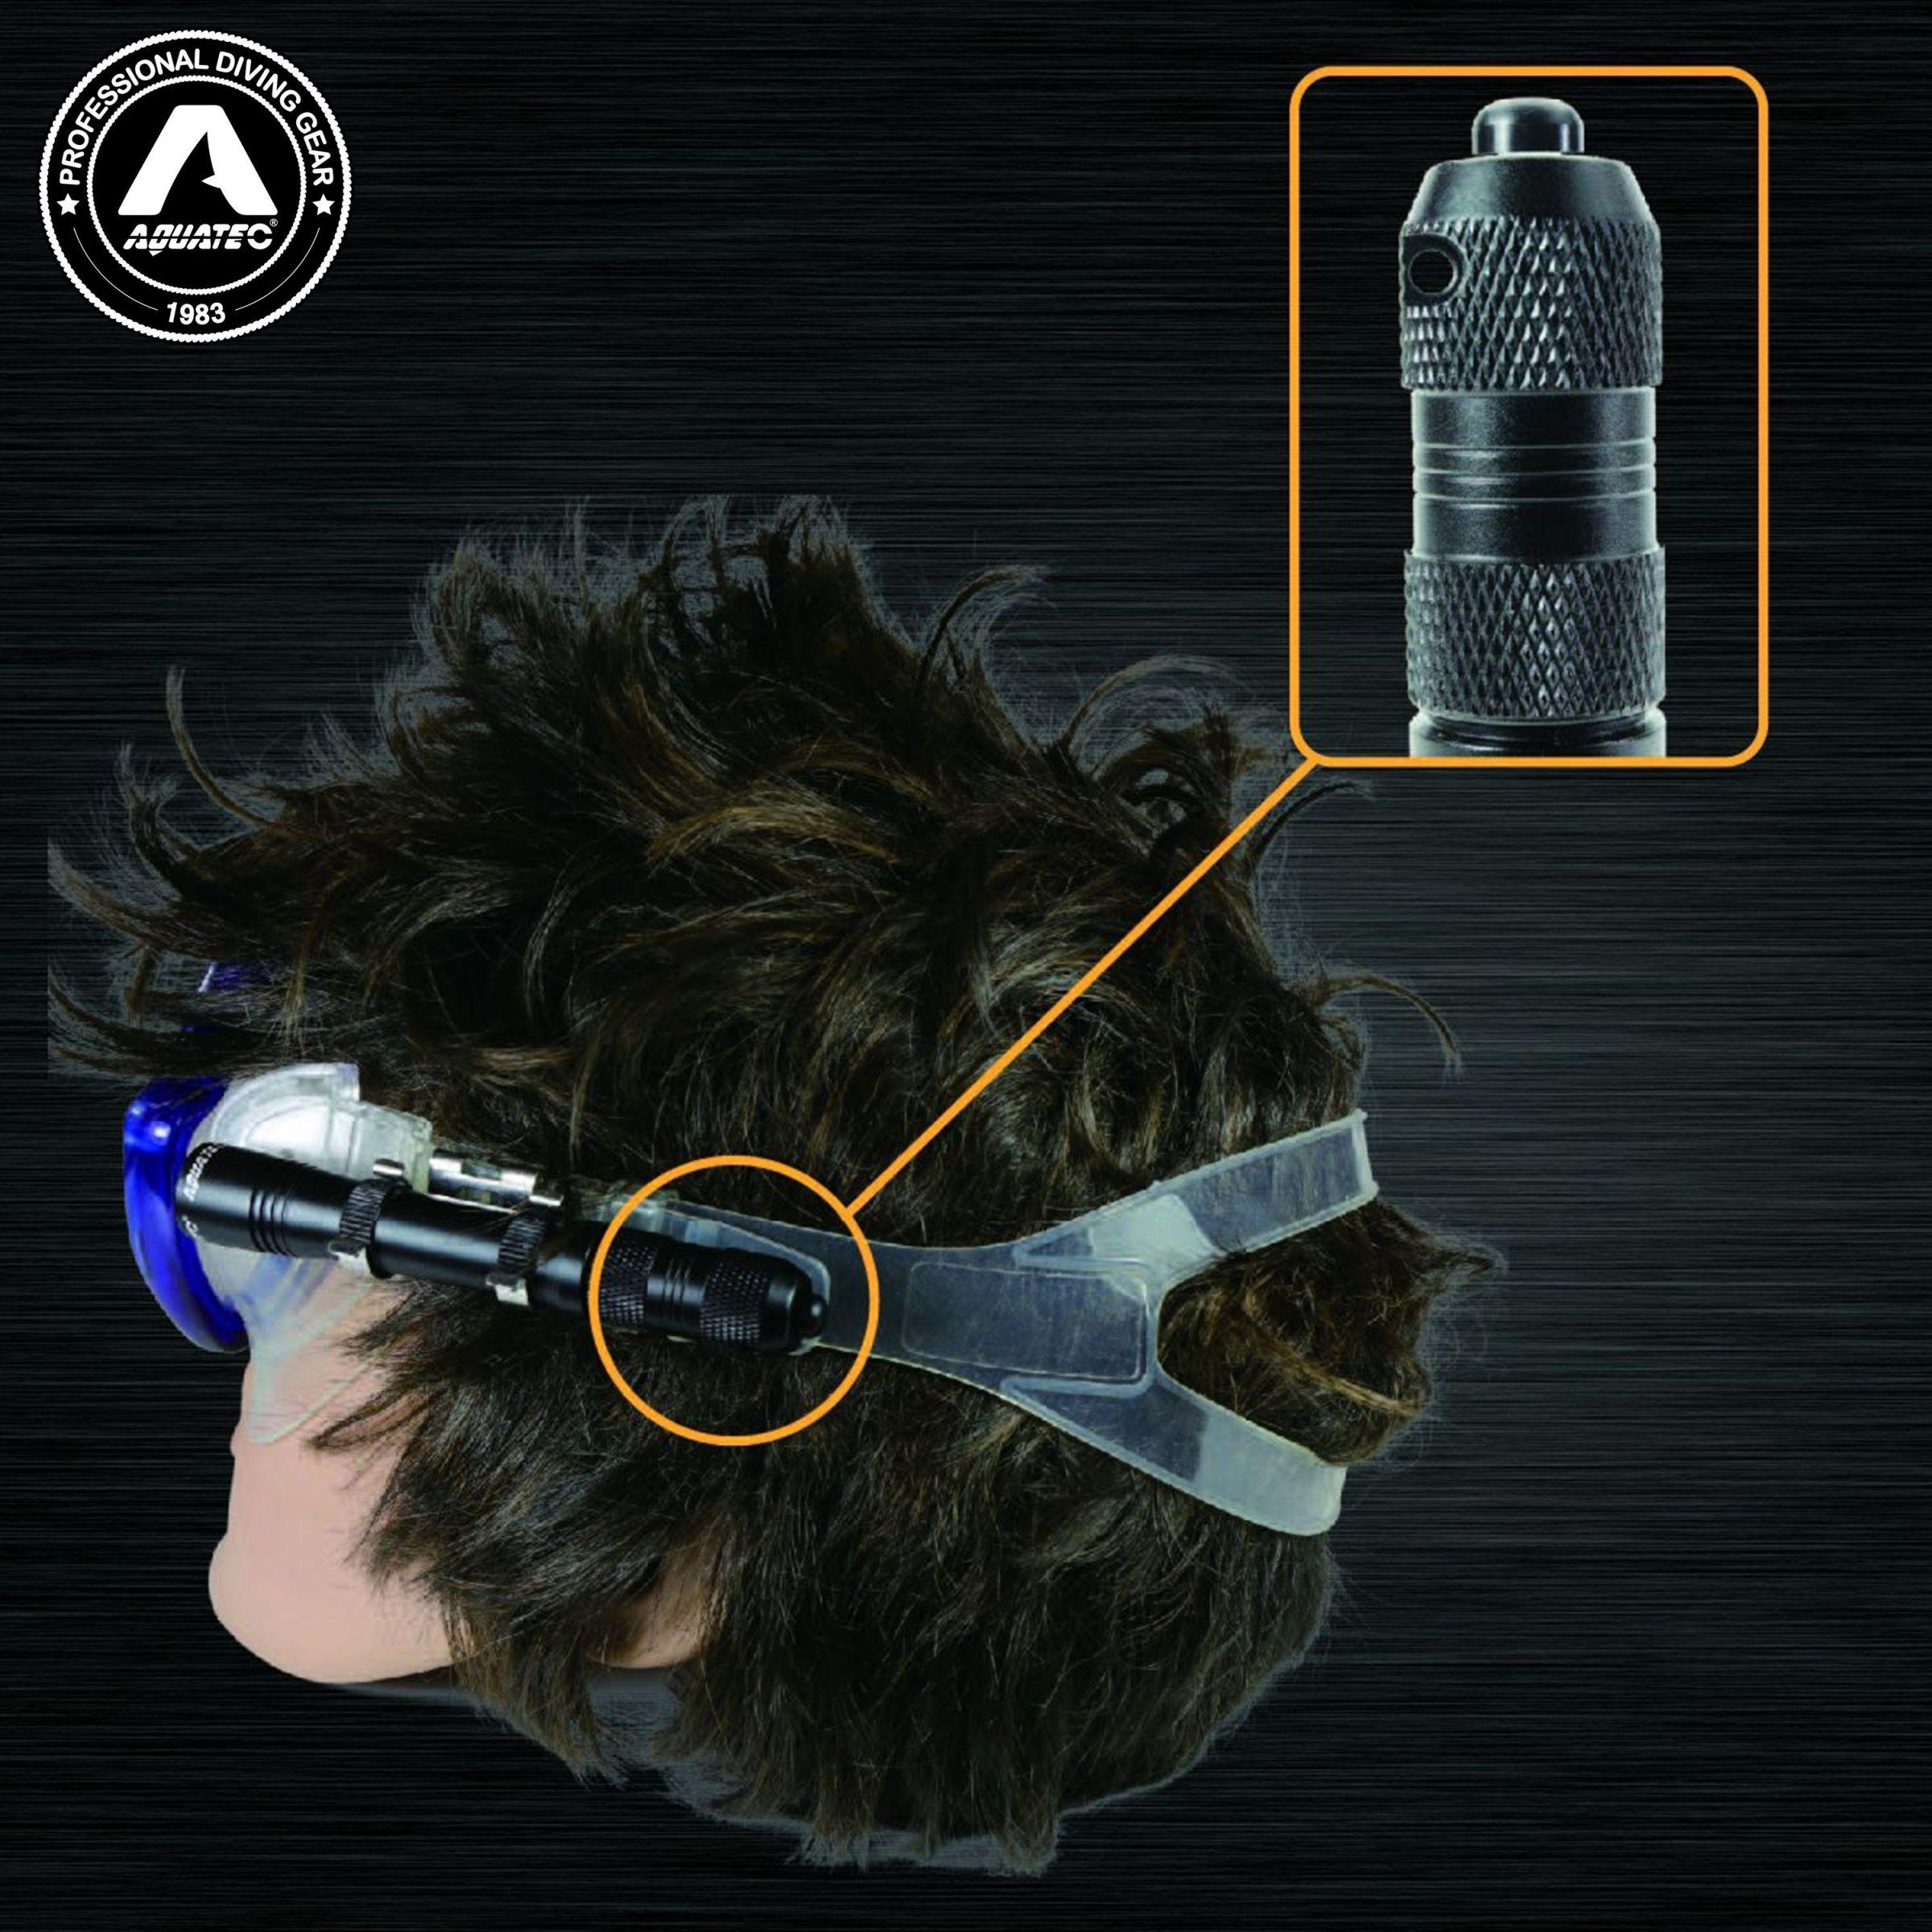 Scheinwerfer mit Knopfschalter - LED-1720 Scuba Mini Light mit Druckschalter